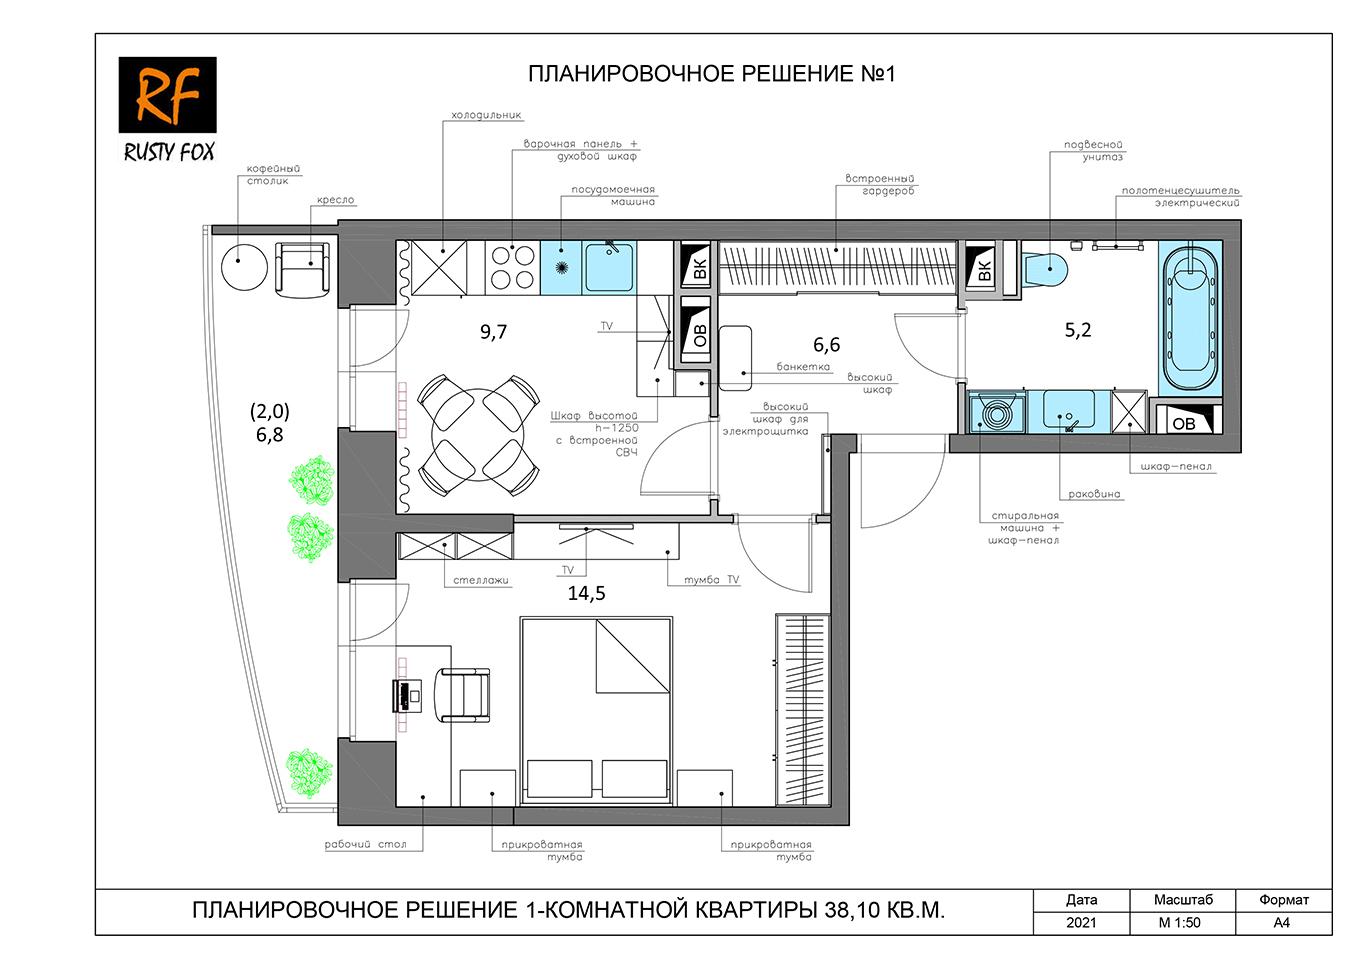 ЖК Люберцы корпус 54. Планировочное решение №1 1-комнатная квартира левая 38,10 кв.м.